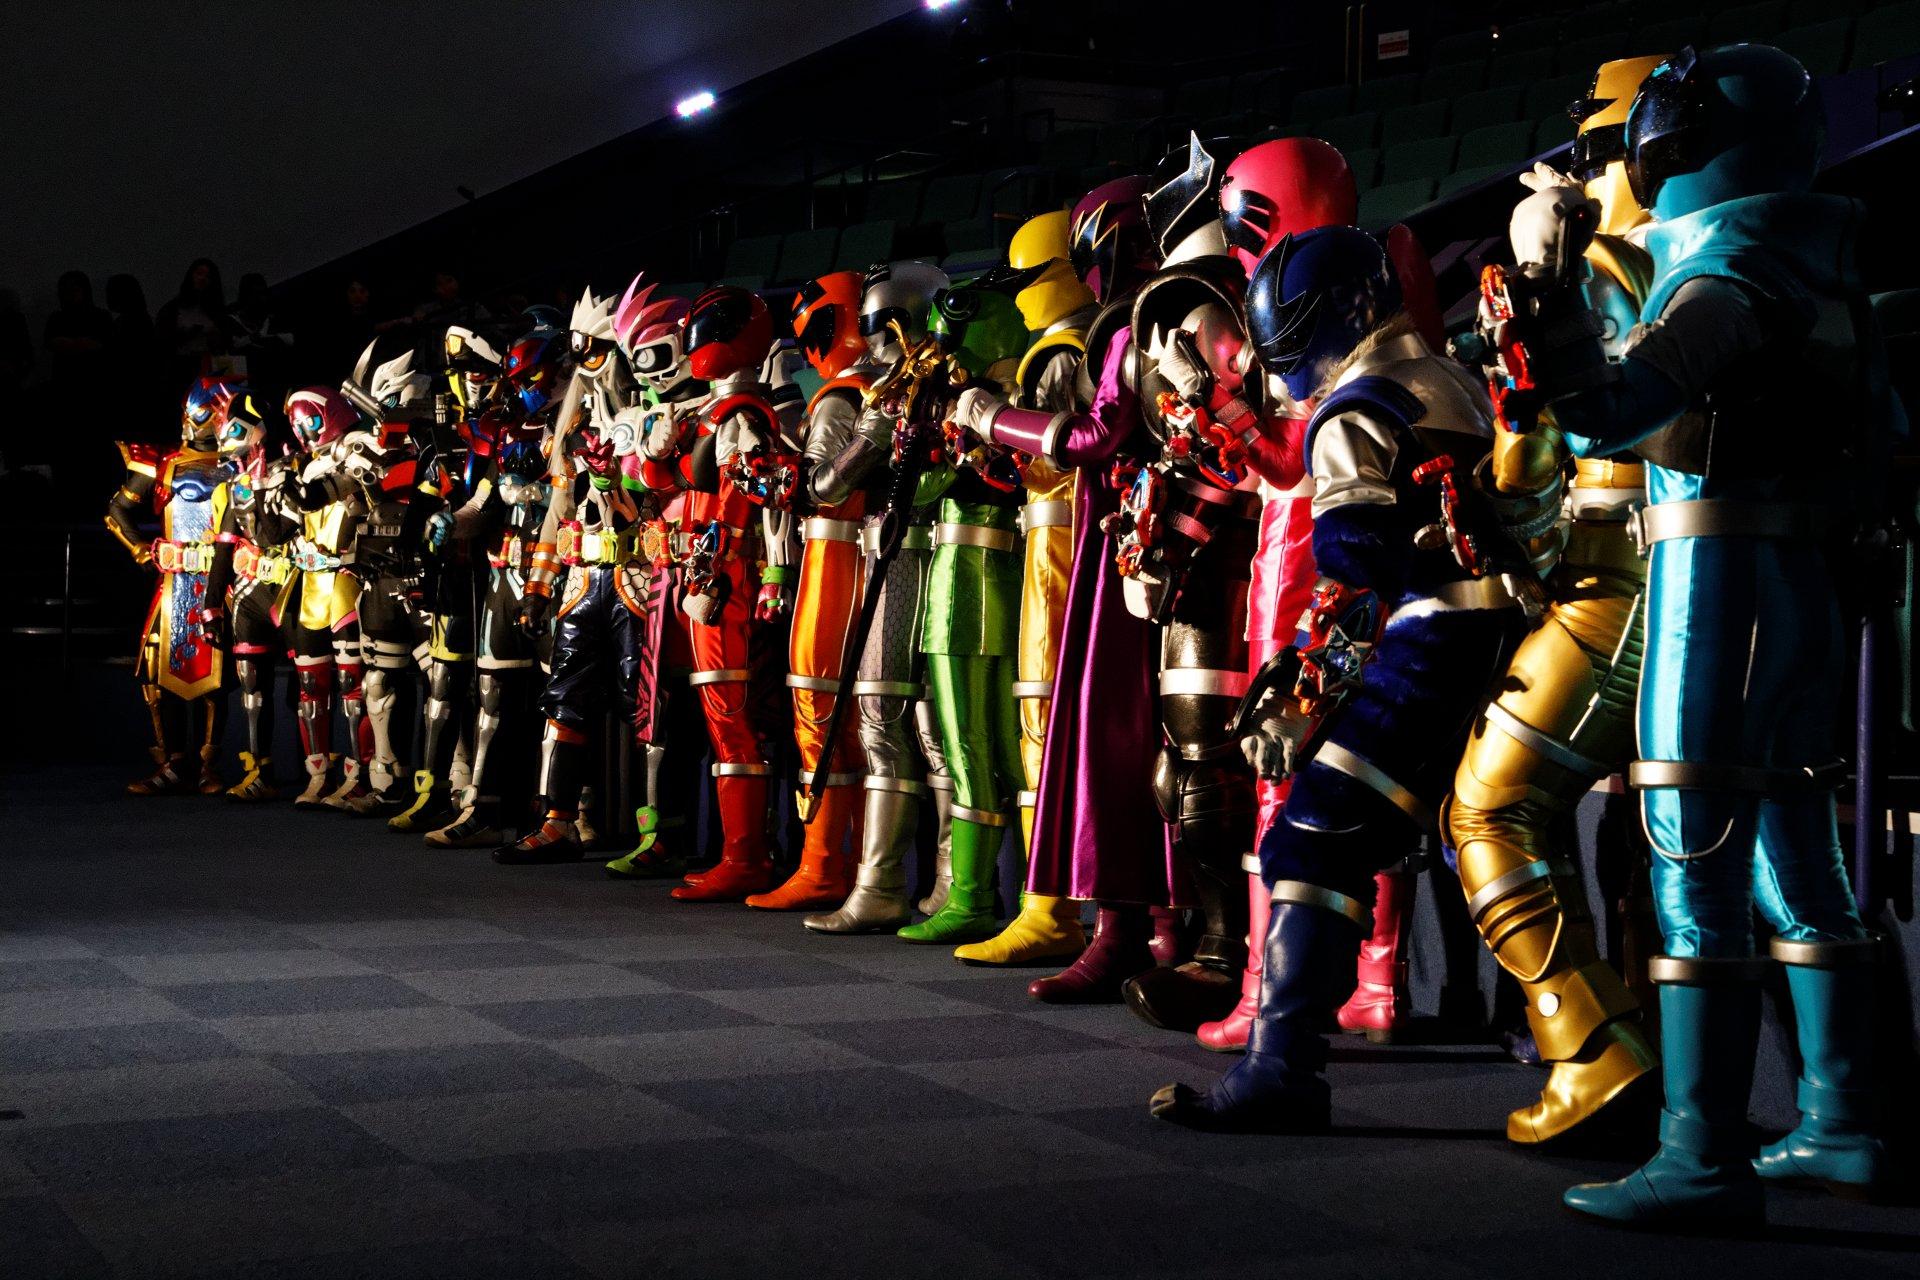 劇場版 仮面ライダーエグゼイド トゥルー・エンディングの画像 p1_36